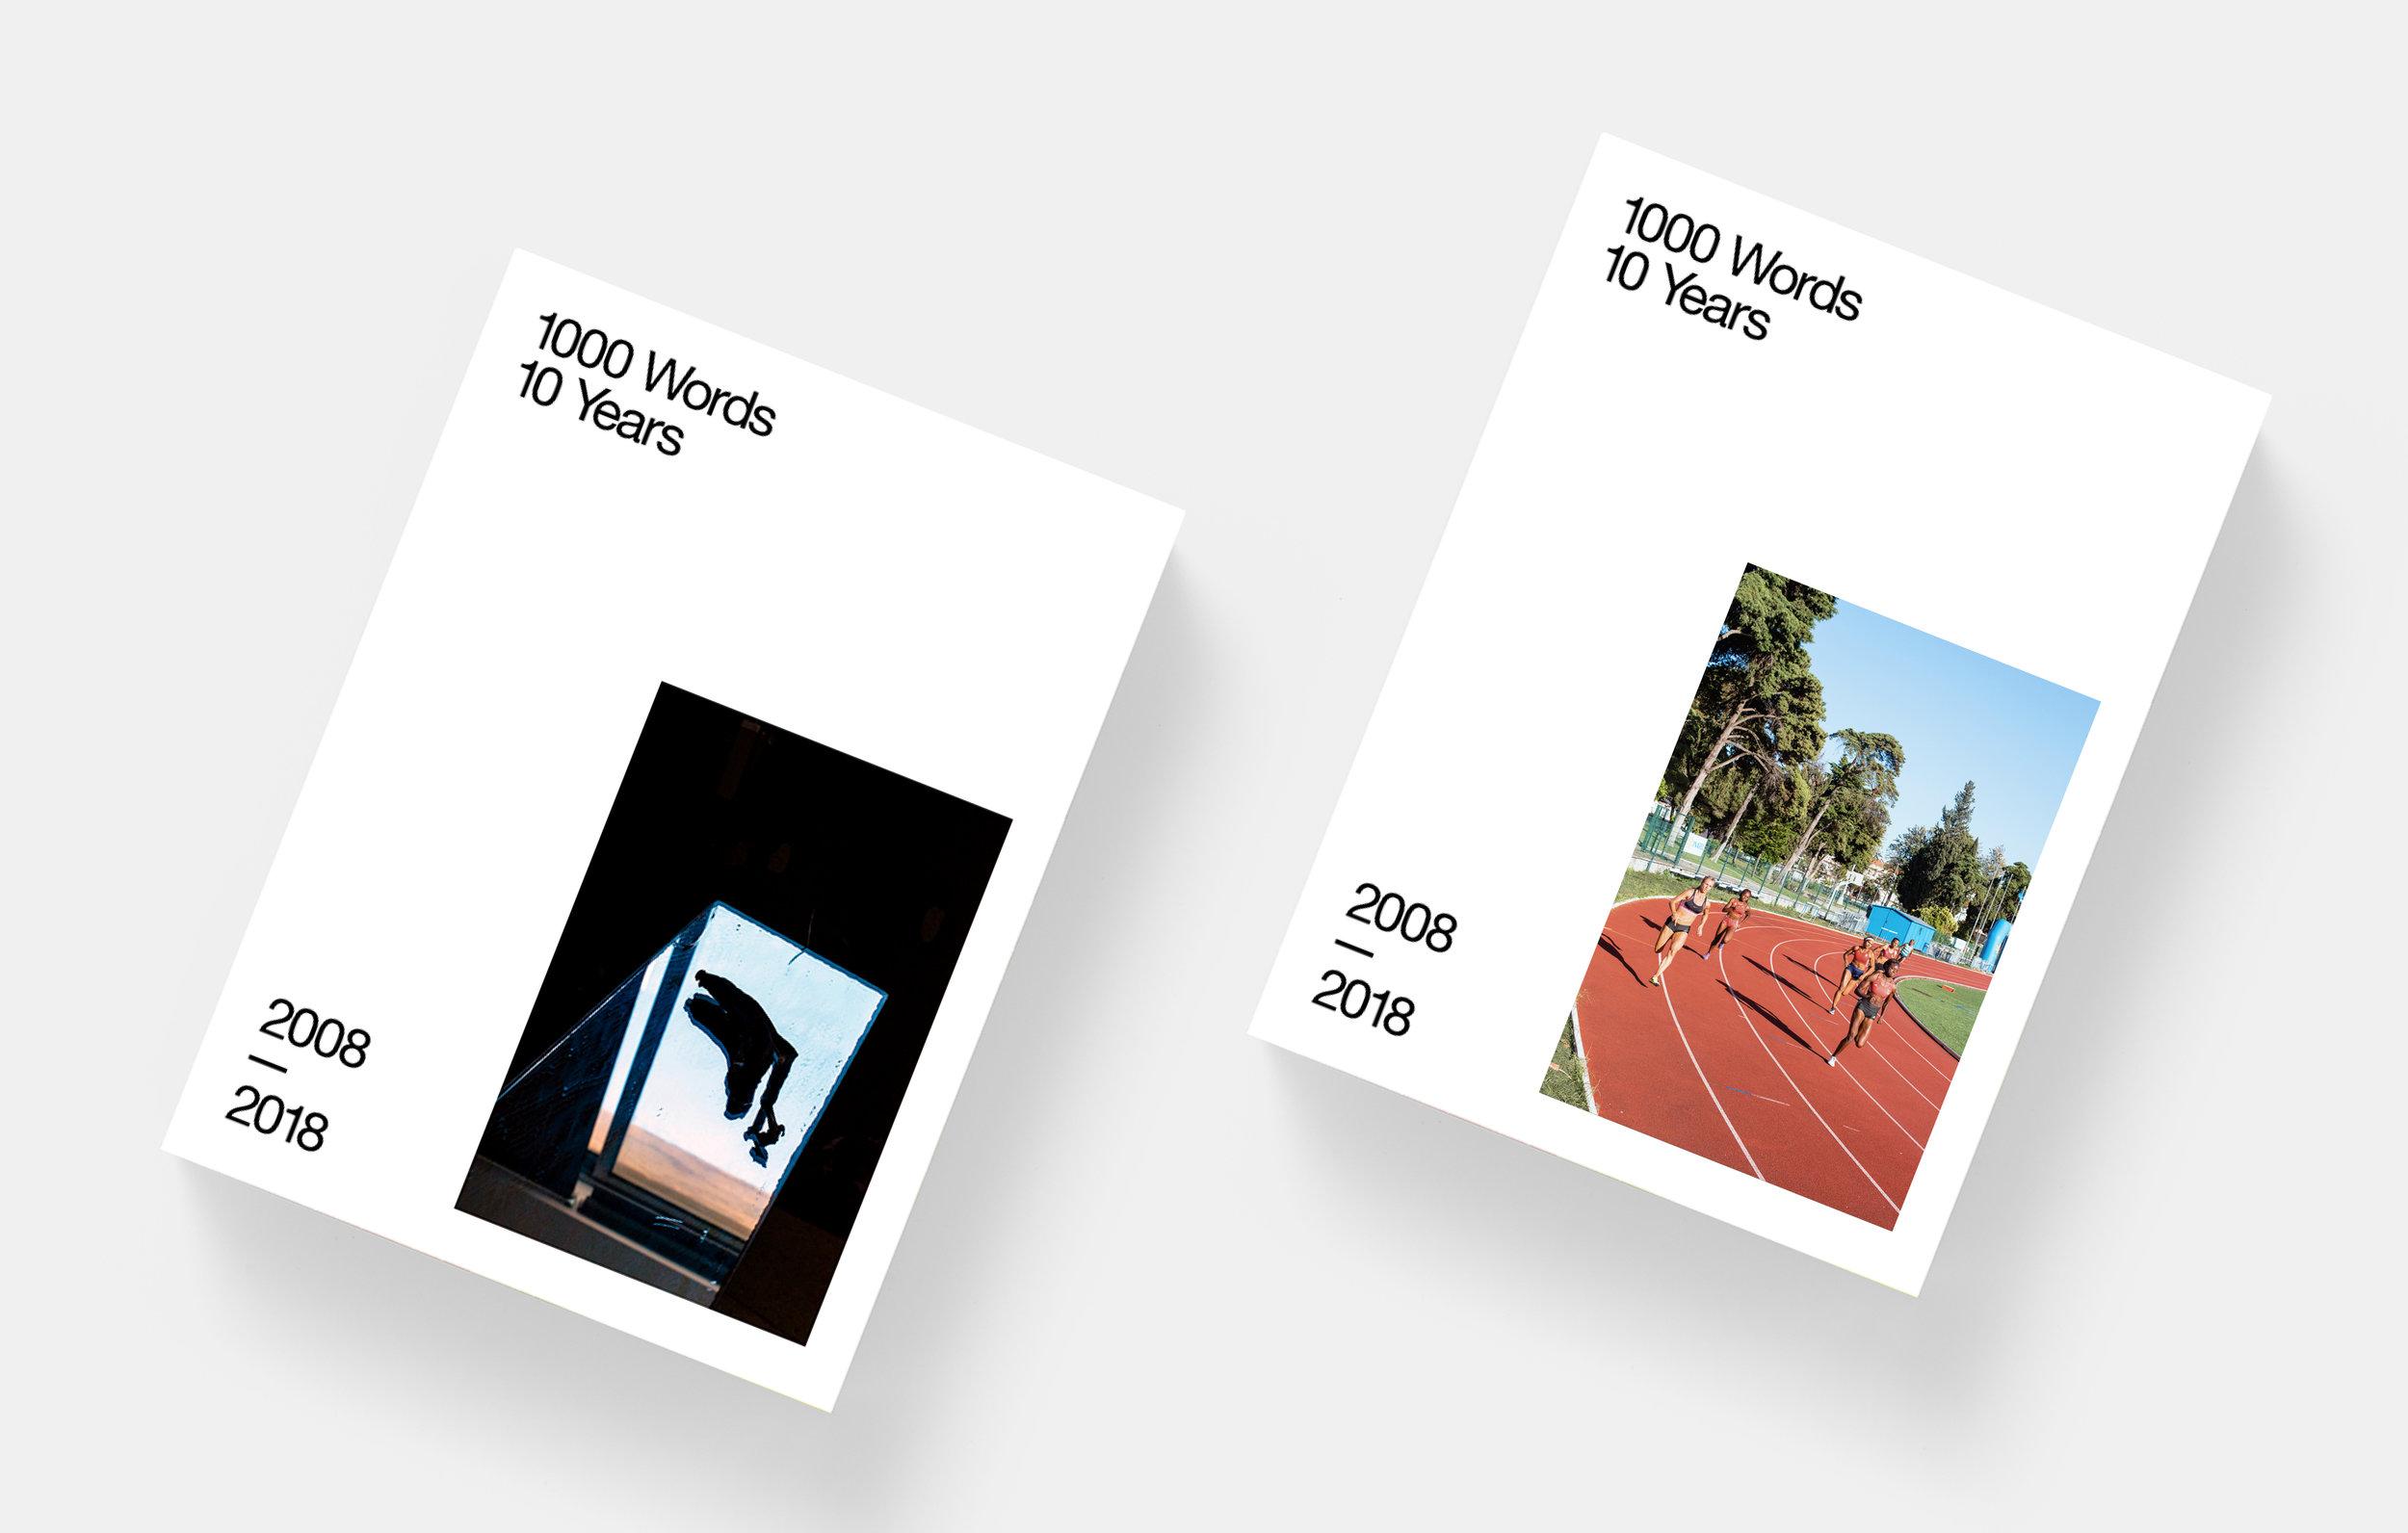 Kickstart 1000 words book images3.jpg